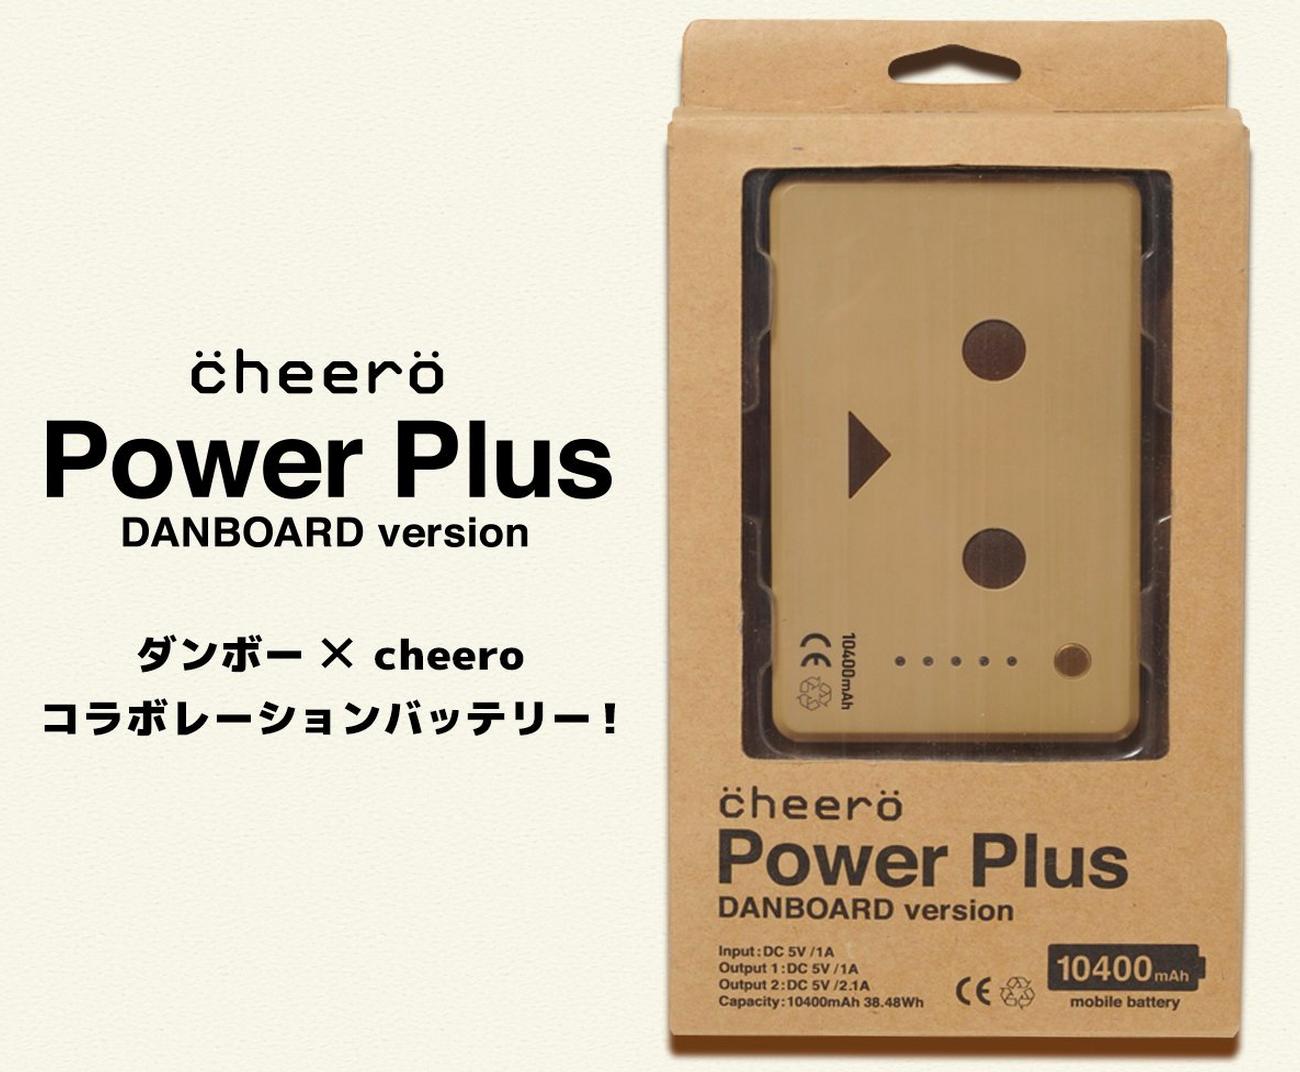 ダンボー仕様のモバイルバッテリー、7月18日から4回目の販売を開始!